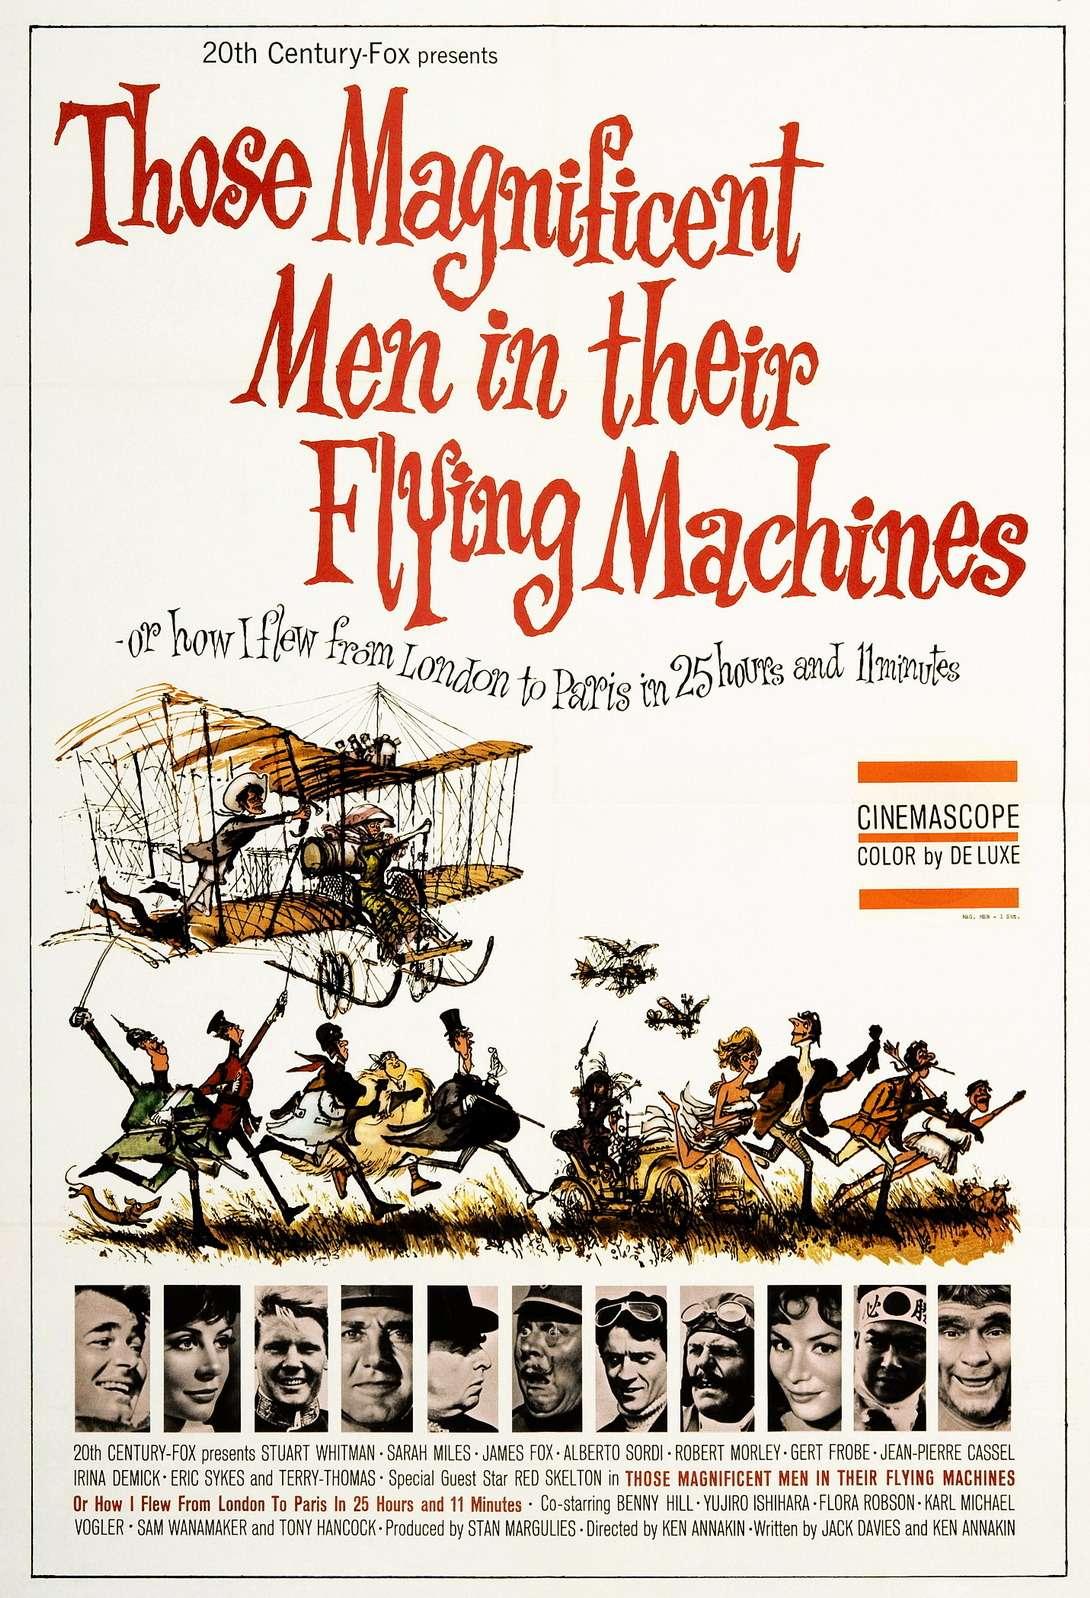 Автомобиль №60551— один изсимволов Великобритании. В1965 году его даже сняли водном изэпизодов ретро-комедии Those Magnificent men inTheir Flying Mashines, внашем прокате известной как «Воздушные приключения». Наснимке— постер кинокомпании 20th Century-Fox